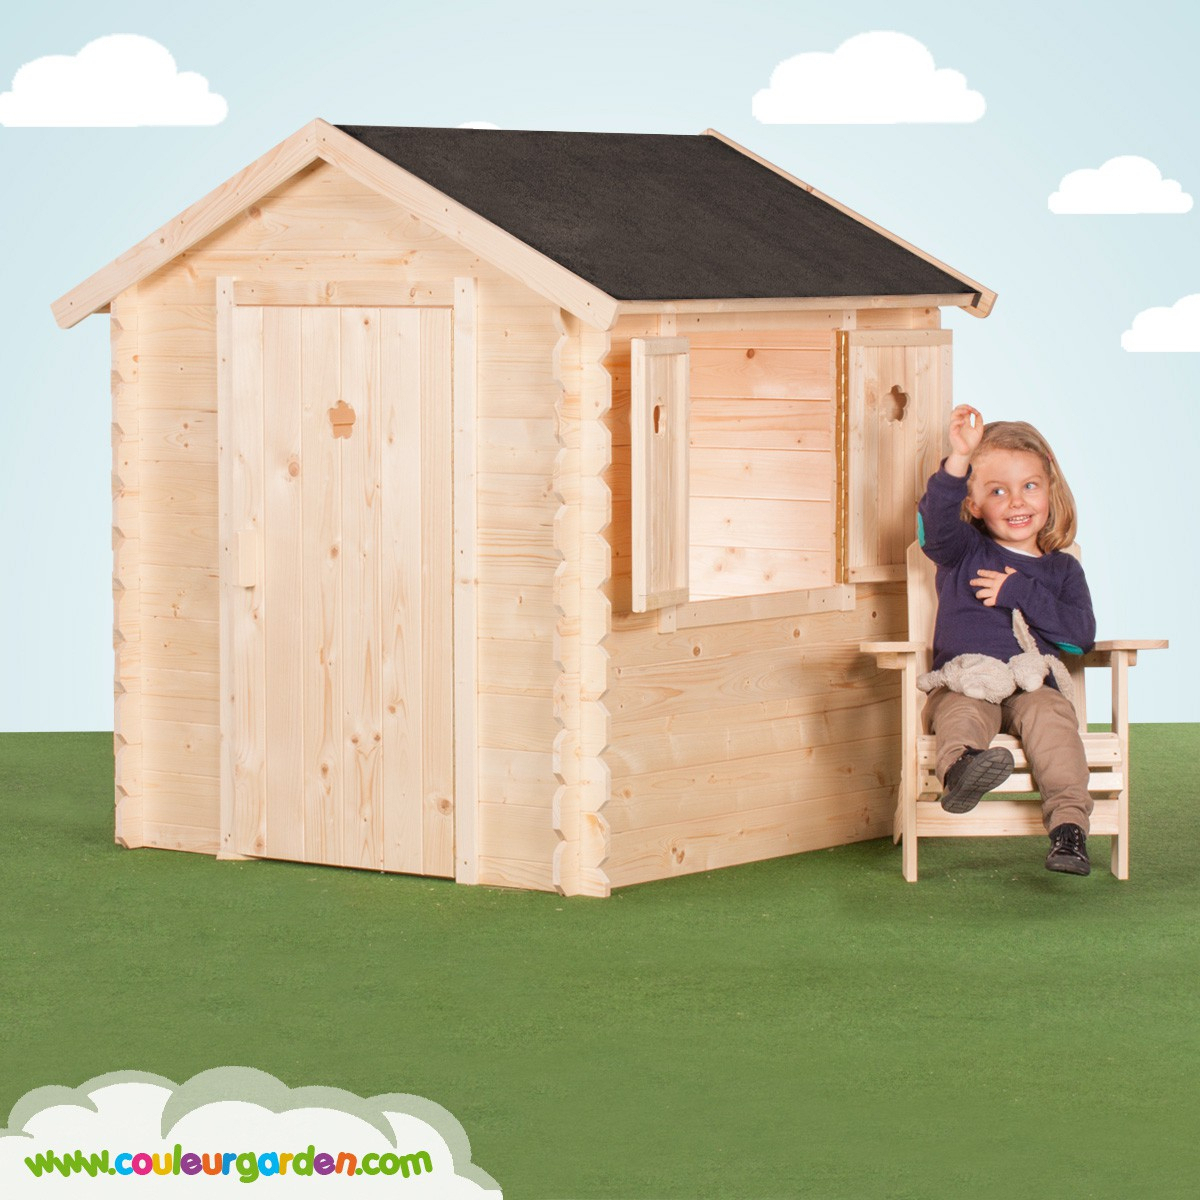 Cabane De Jardin En Bois Pas Cher Maison En Bois Pour Enfant ... encequiconcerne Cabane Jardin Enfant Pas Cher